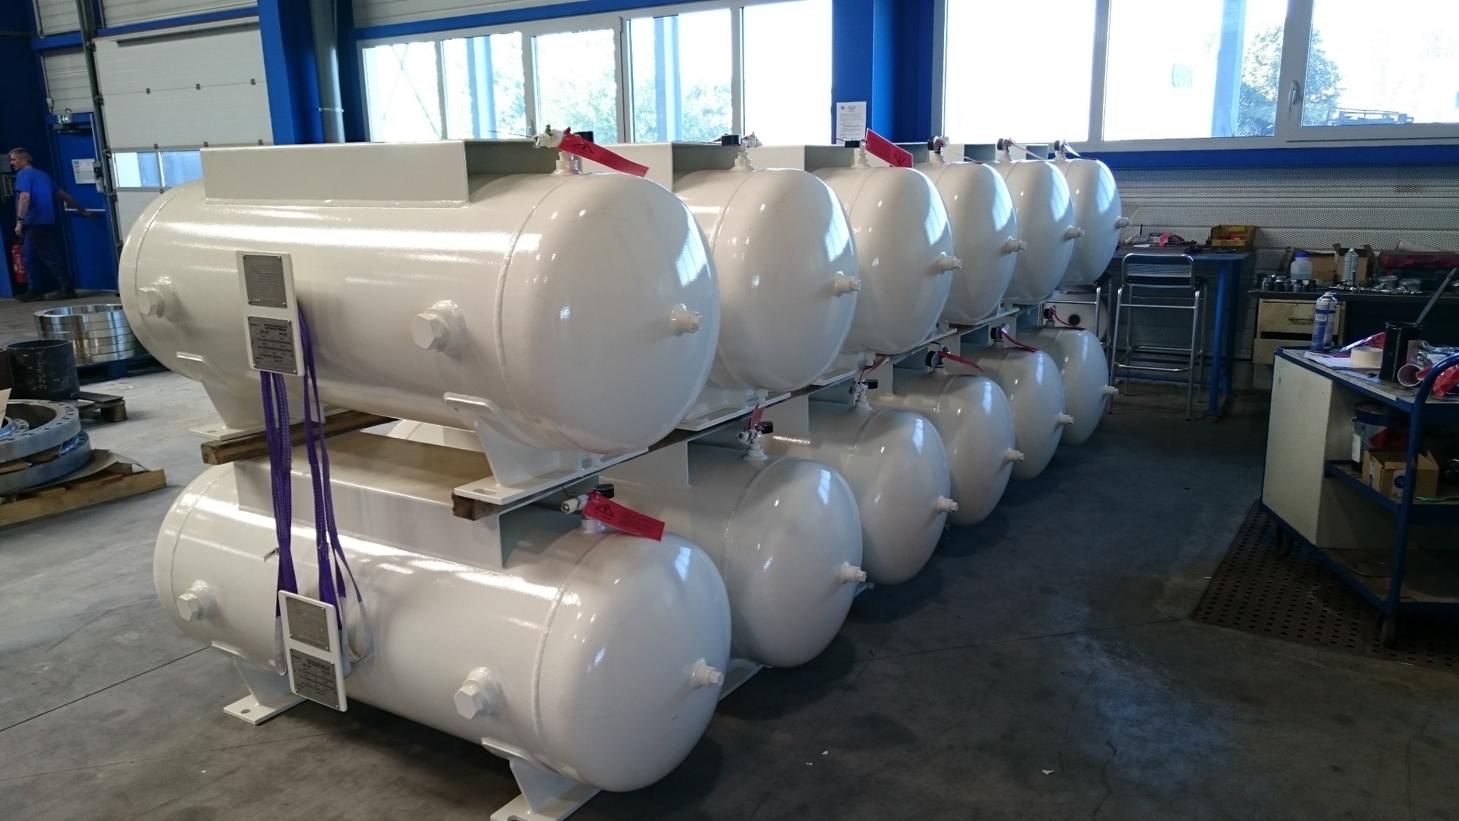 Réservoir stockage fluide process - Réservoirs à pression - Quiri - 2